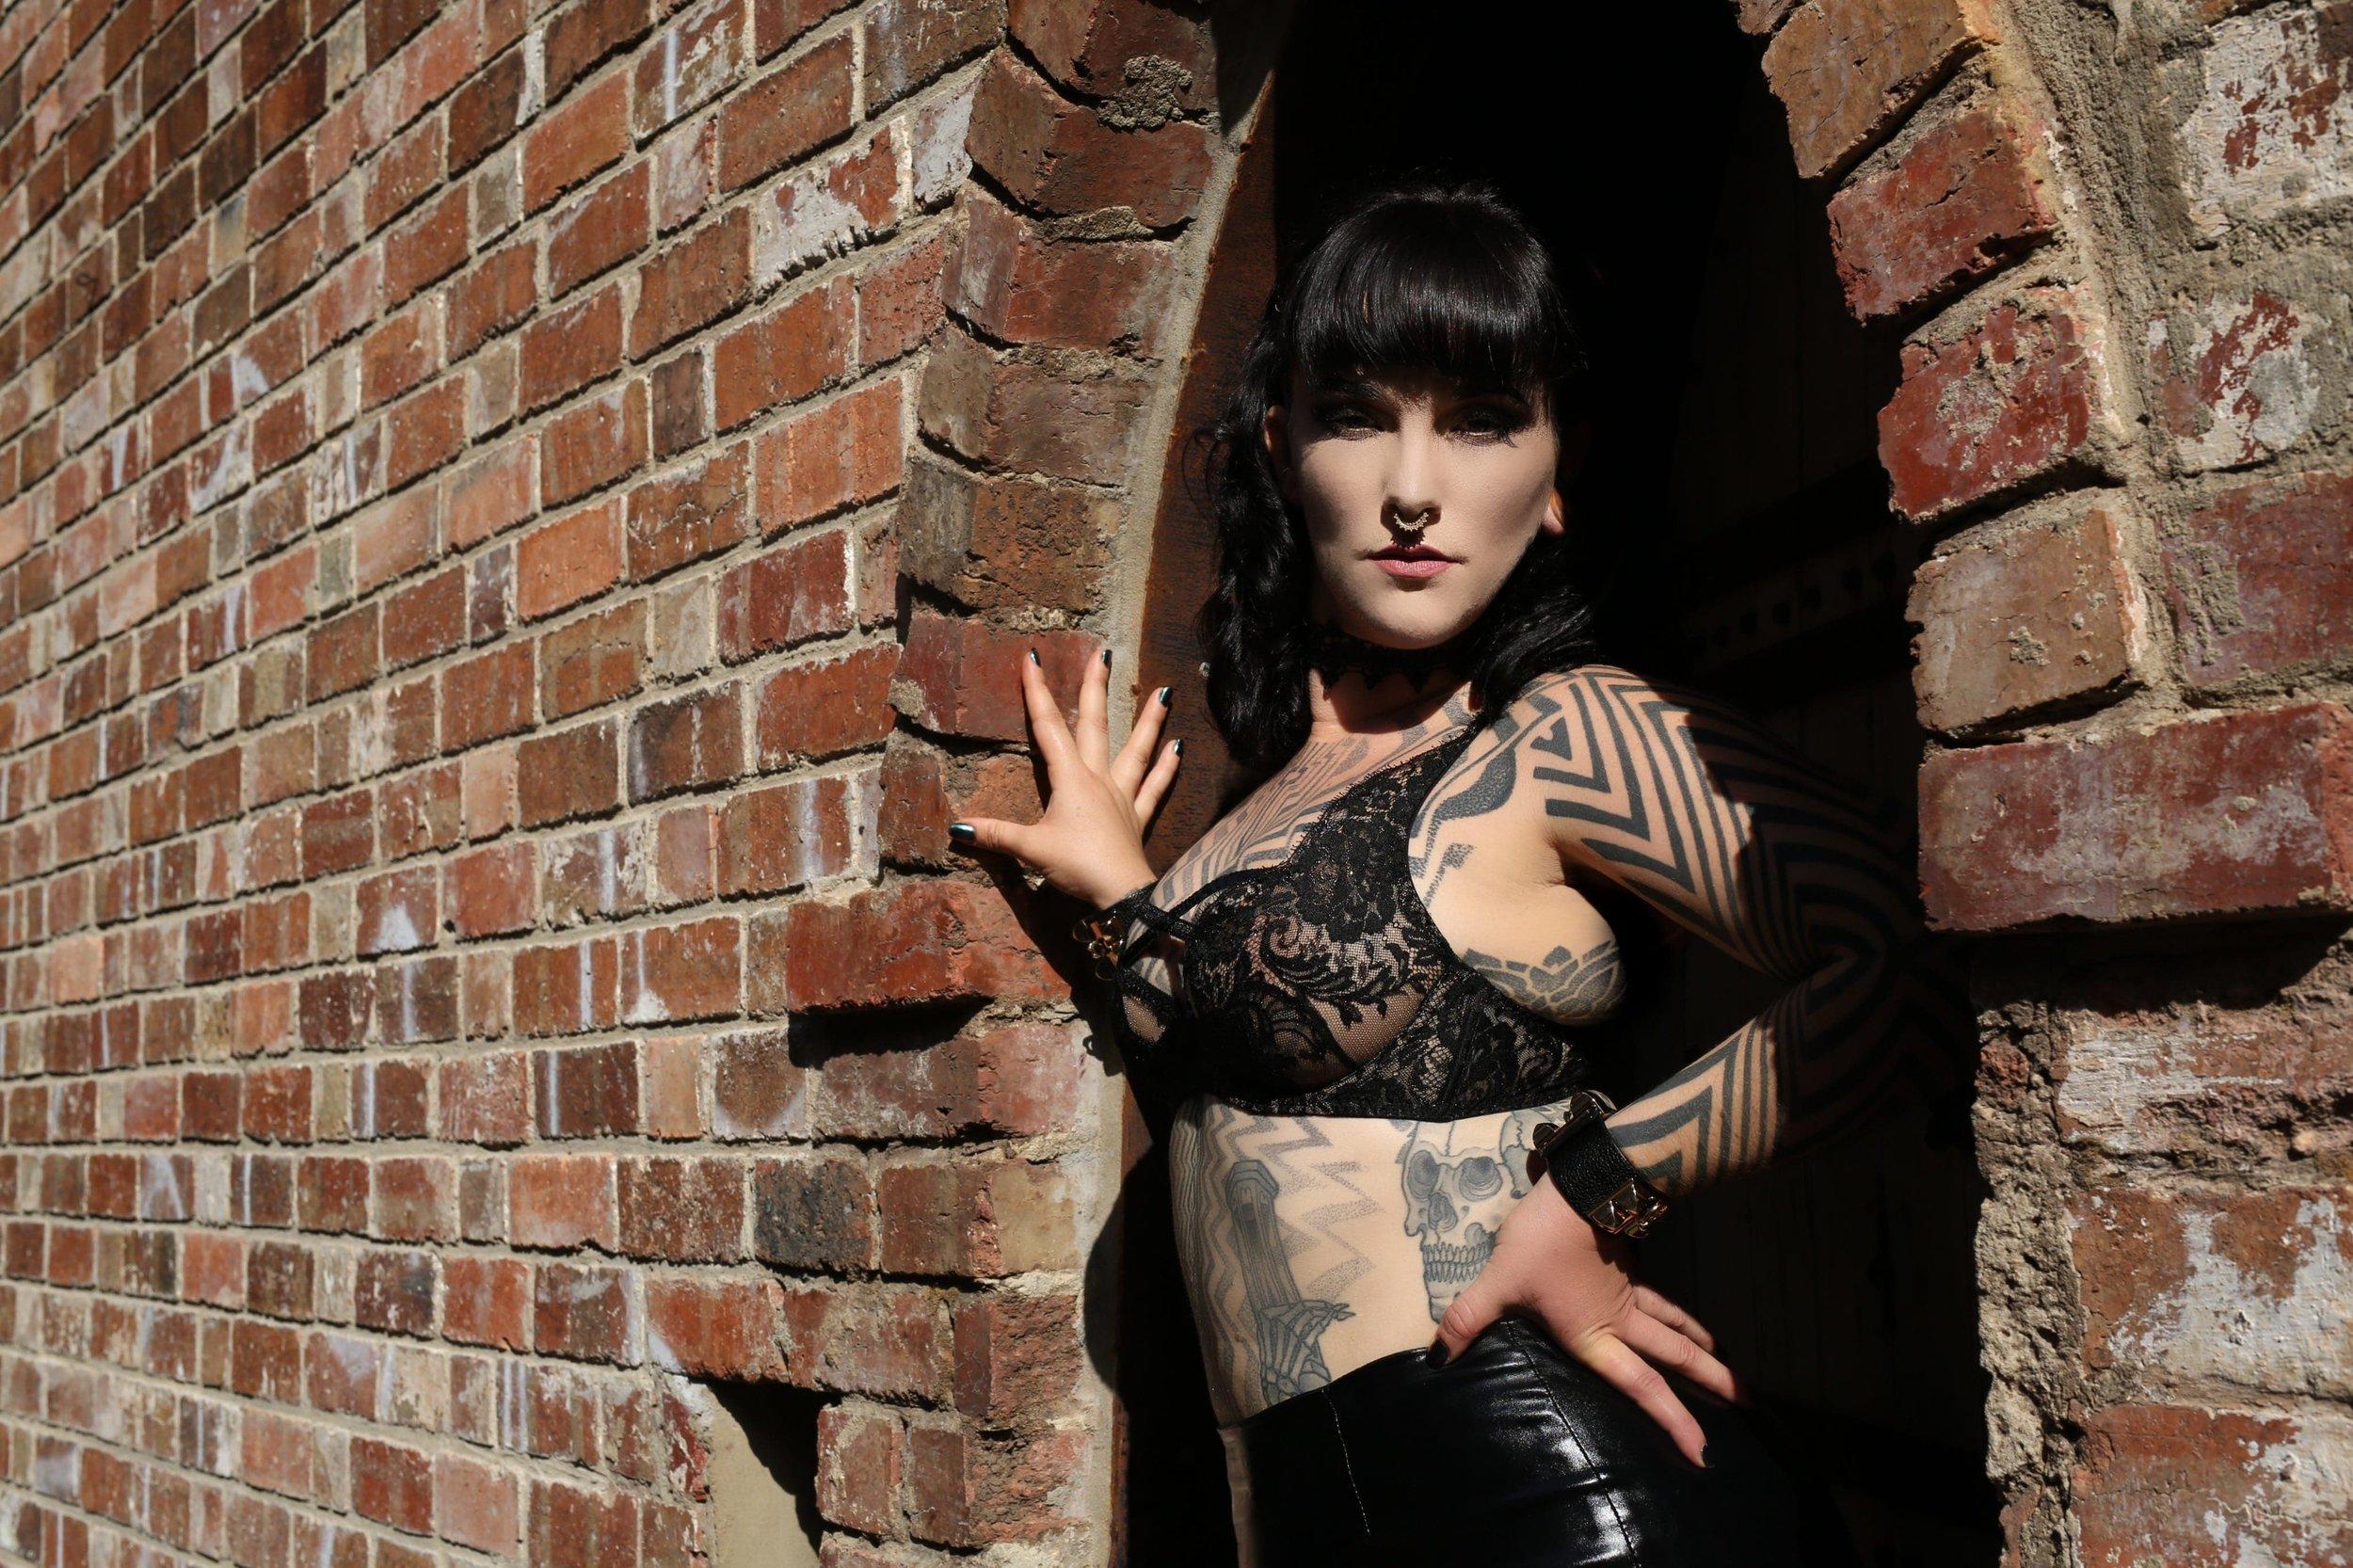 Mistress Tallula Tattooed, Kinky, Escort BDSM, ProDom, Professional Dominatrix, Seductive Domme, fetish escort, kinky escort, sydney mistress, australian mistress